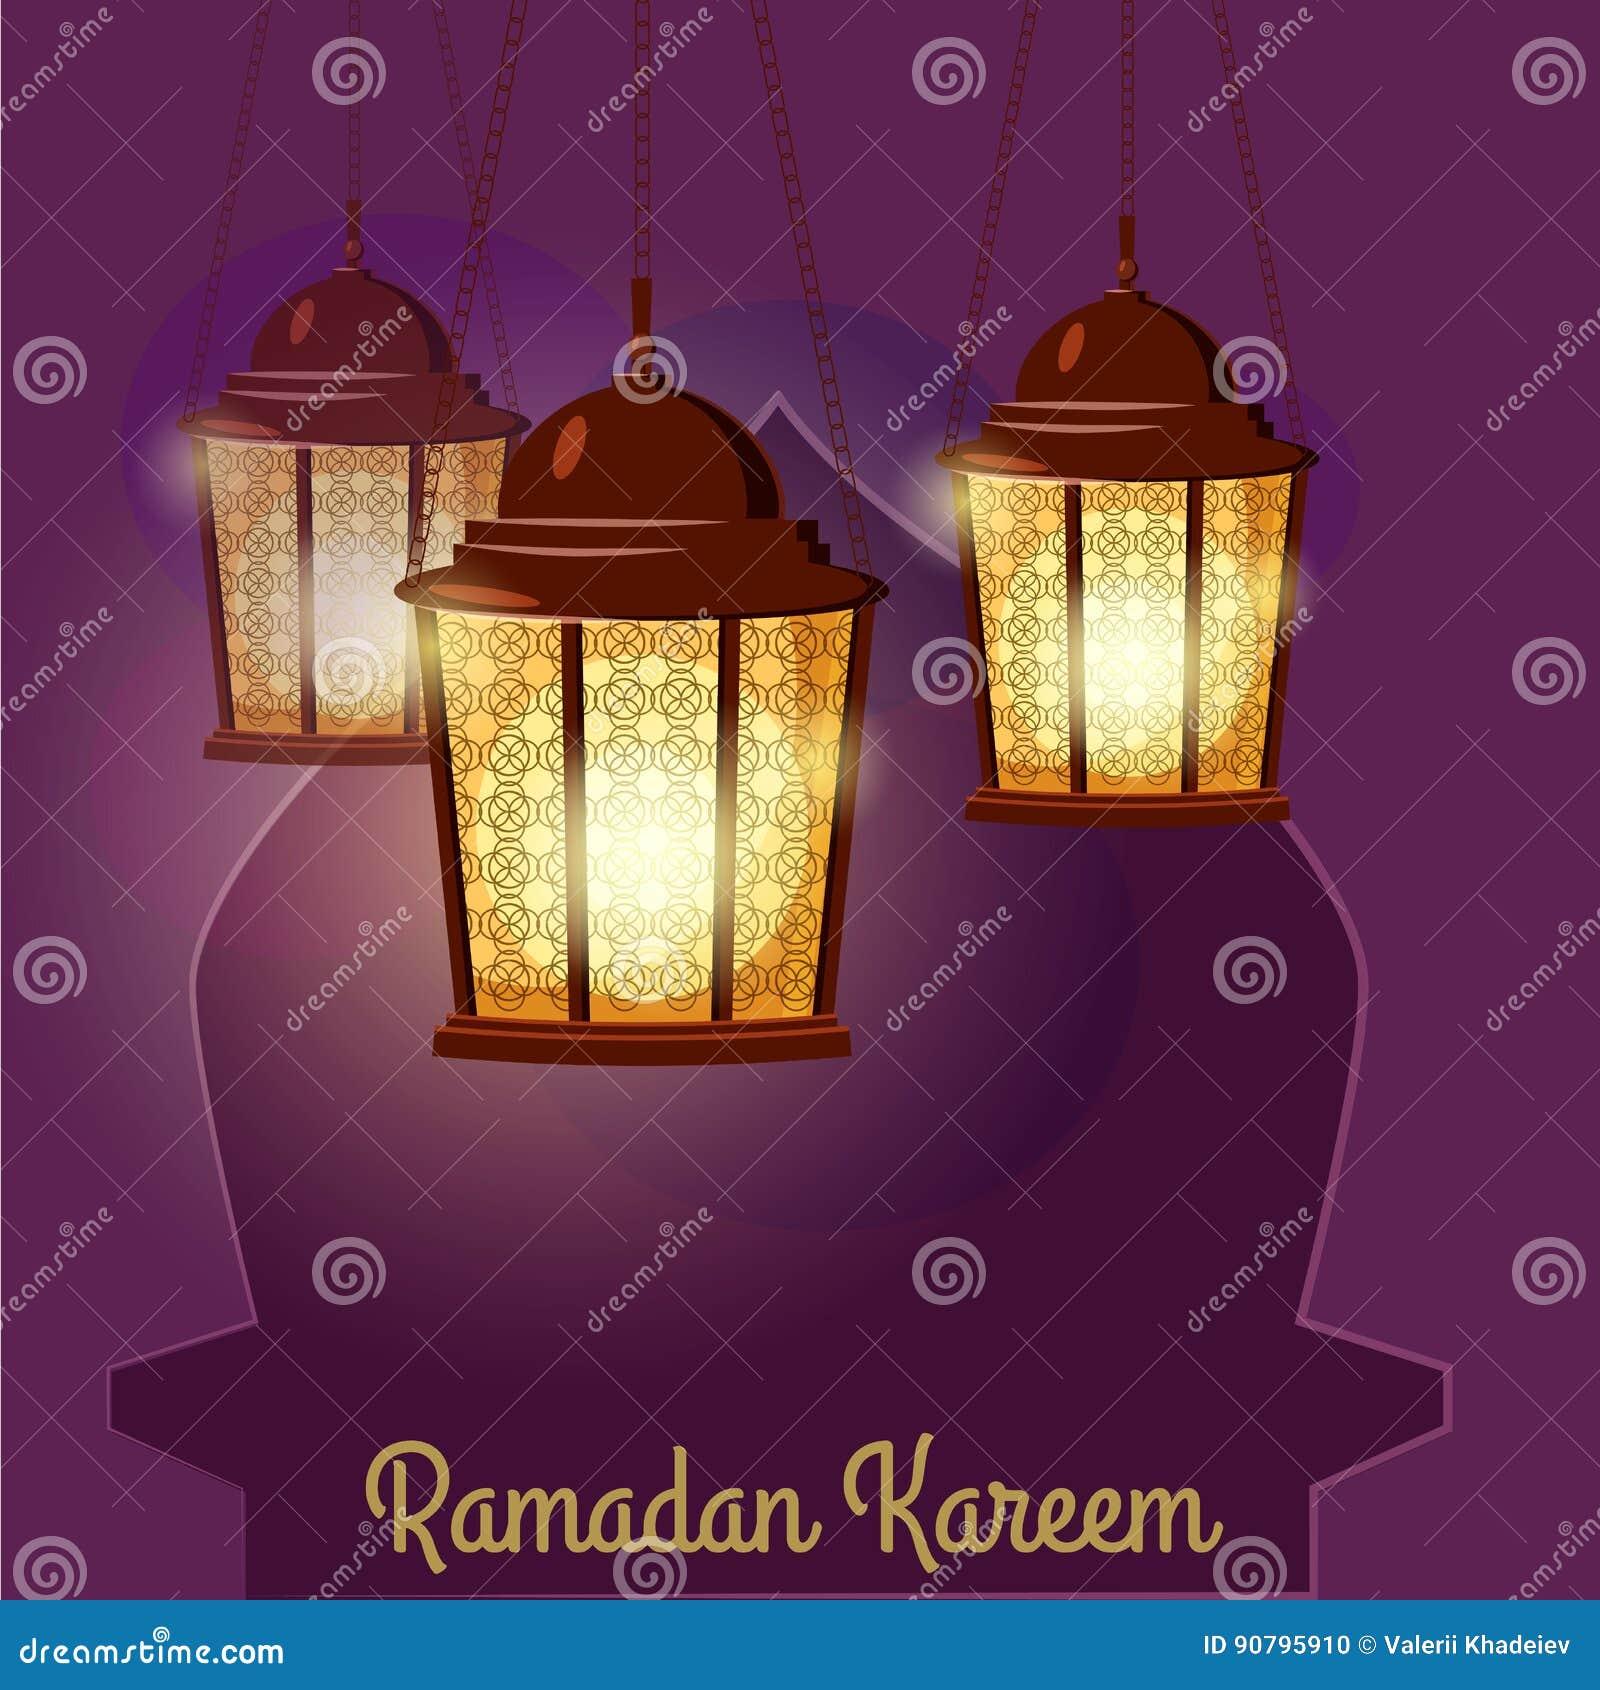 Ramadan Kareem Greetings Intricate Arabic-Lampen, Vektorillustration